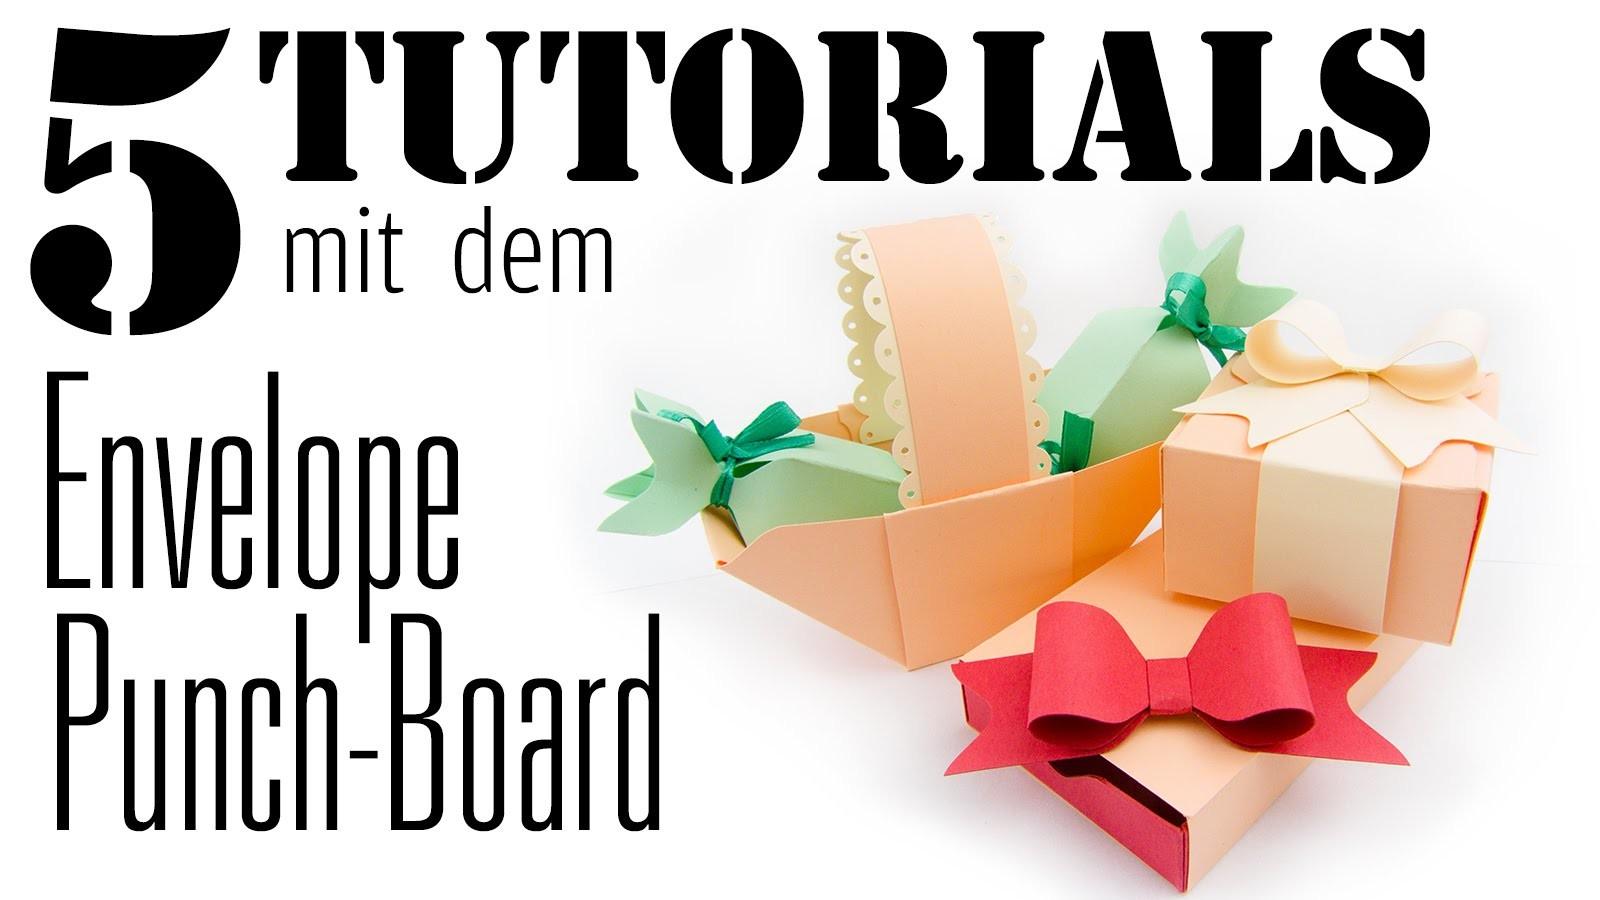 5 Tutorials mit dem Envelope Punchboard   DEUTSCH